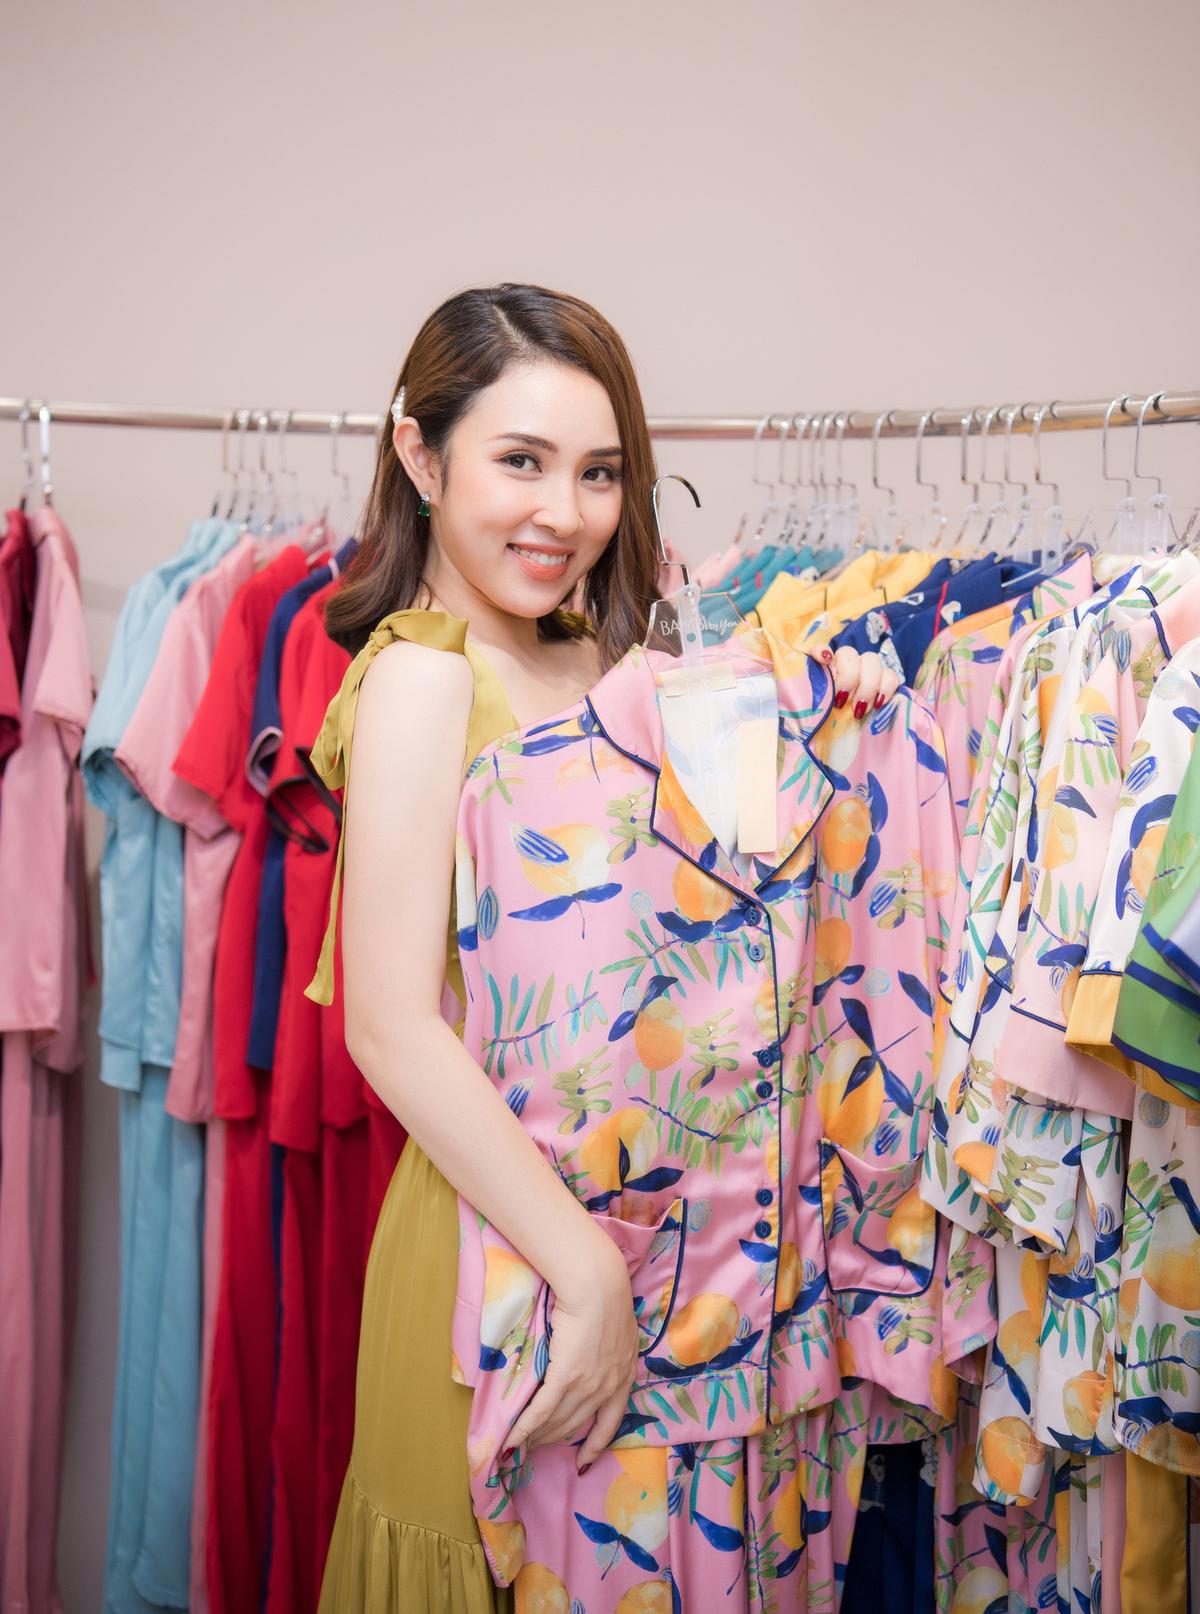 Nữ ca sĩ thích thú ướm thử những mẫu pyjama trong BST mới ra mắt của NTK Thu Yến. Cô ưng ý với các kiểu trang phục hoa lá tươi tắn, chất liệu lụa mềm mại.